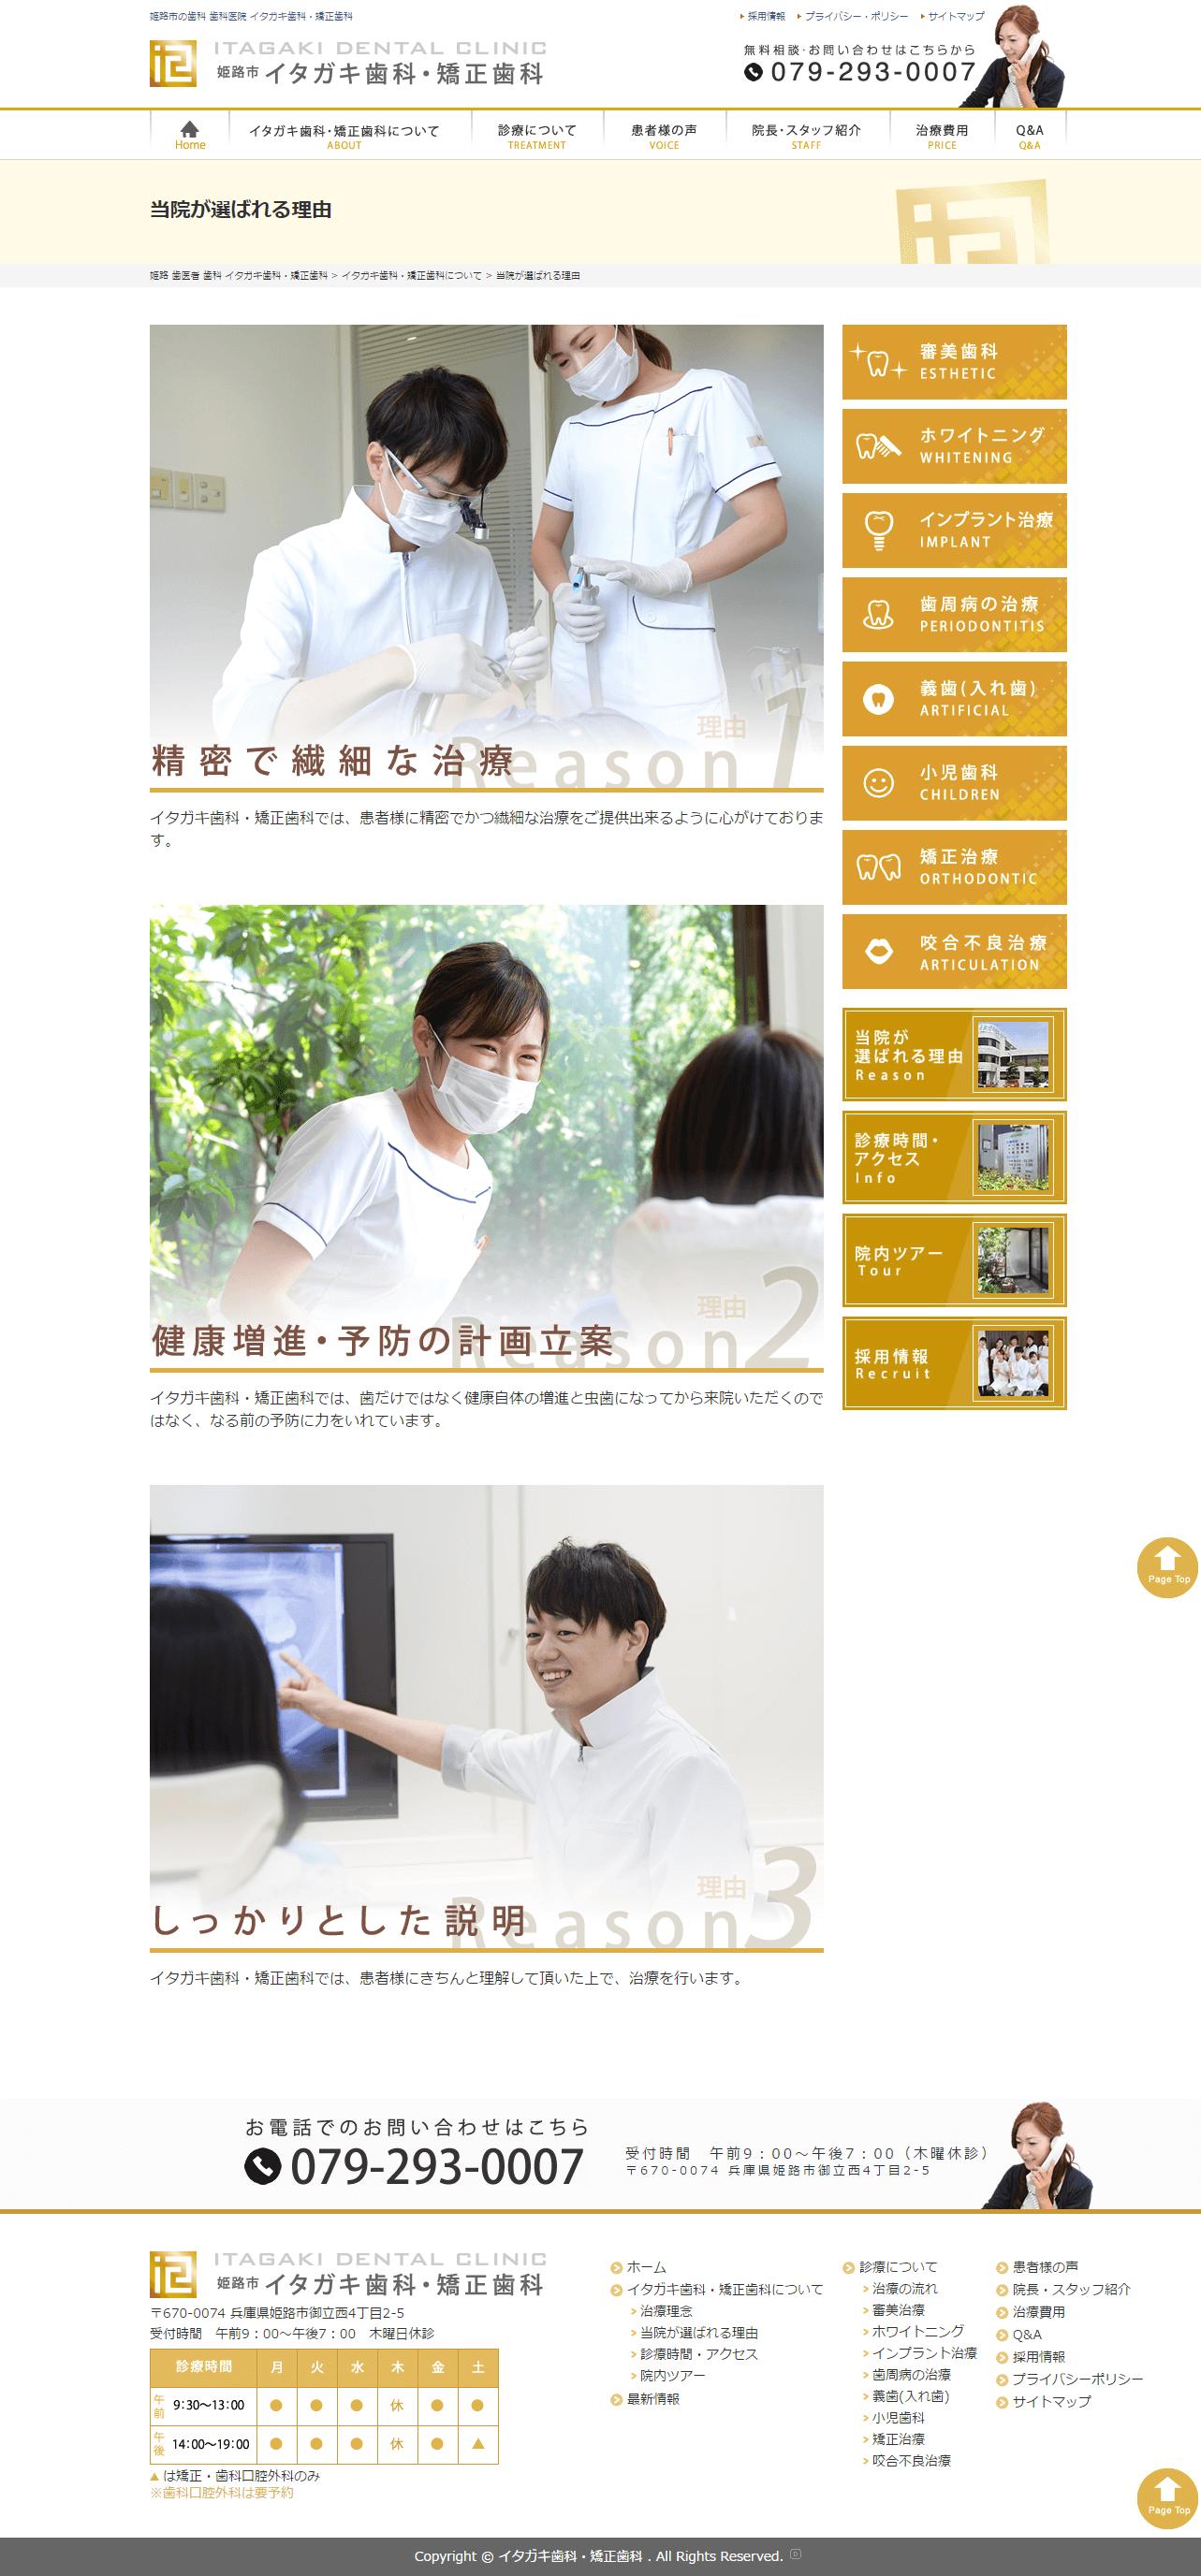 姫路市 イタガキ歯科・矯正歯科様 ホームページ制作2